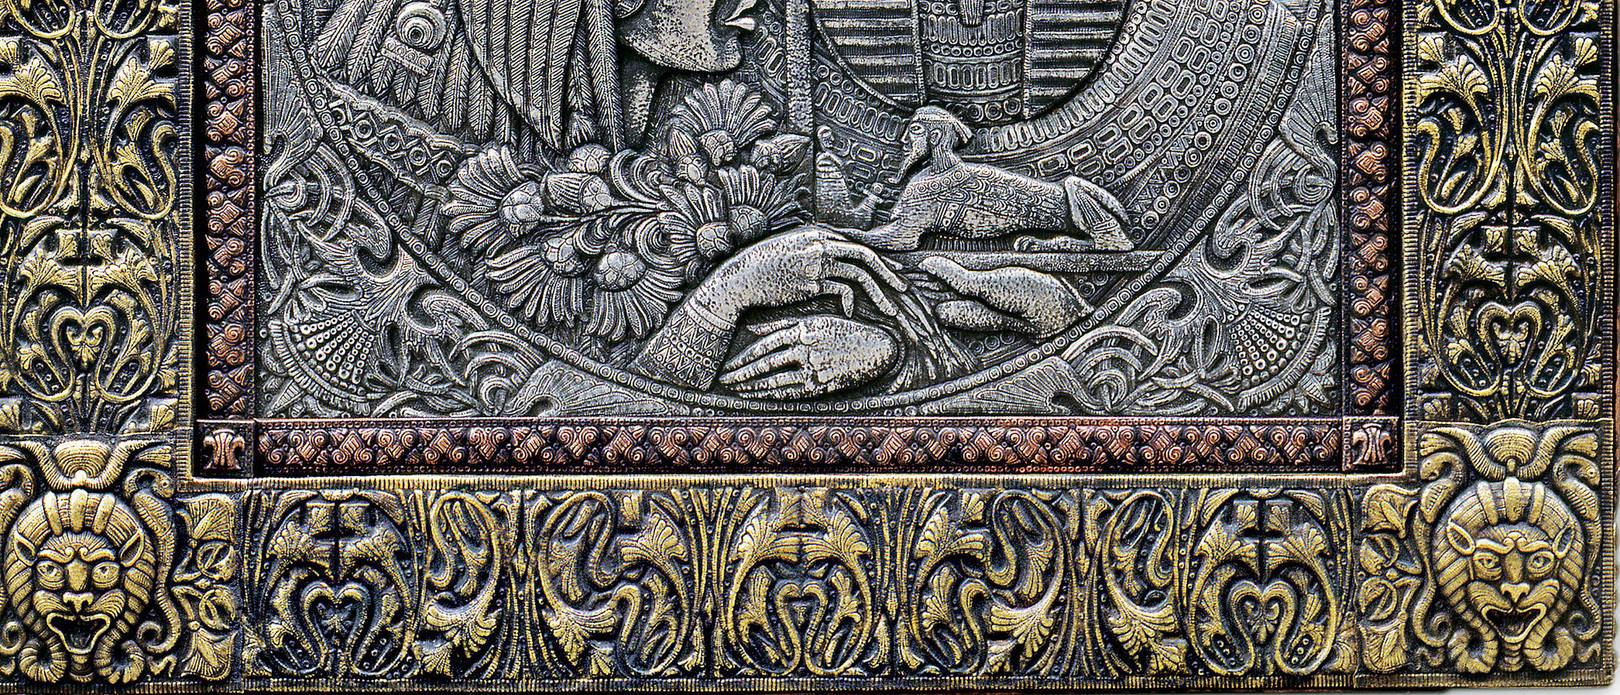 Фараон и принцесса   1996 г.                                                                                                                     Алюминий, медь, латунь, чернение.  92 х 92 см(фрагмент)